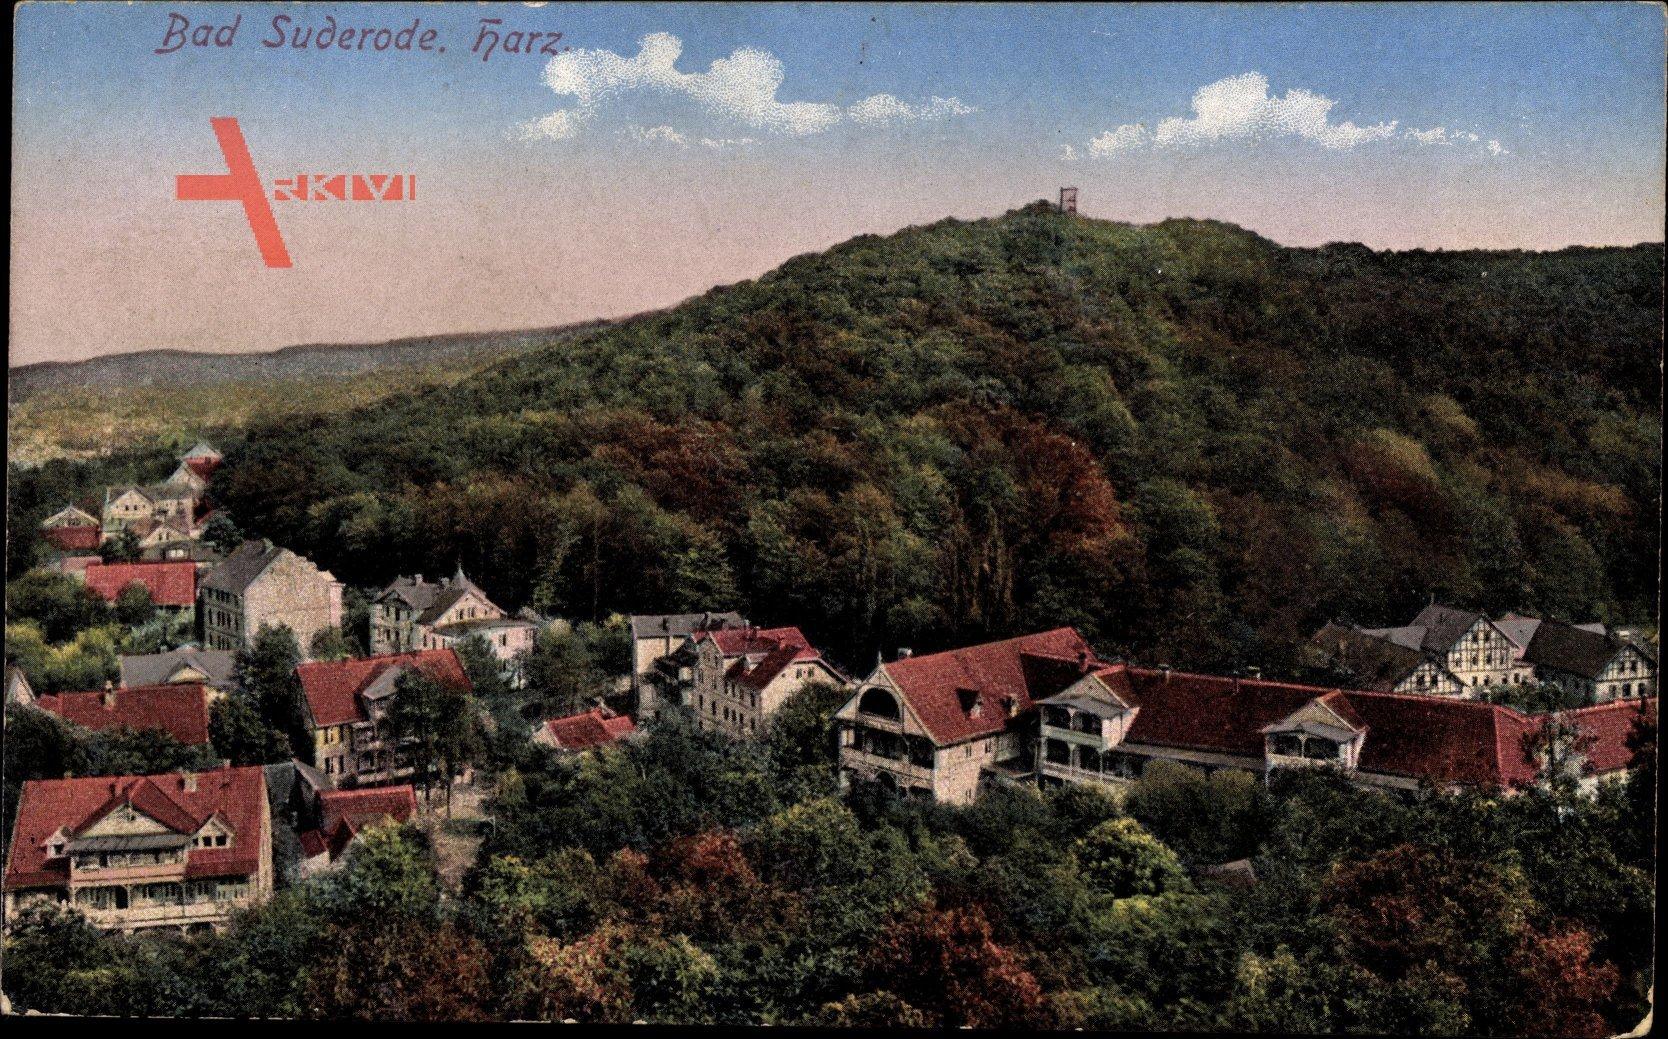 Bad Suderode im Harz, Blick auf den Ort, Berg, Wald, Häuser